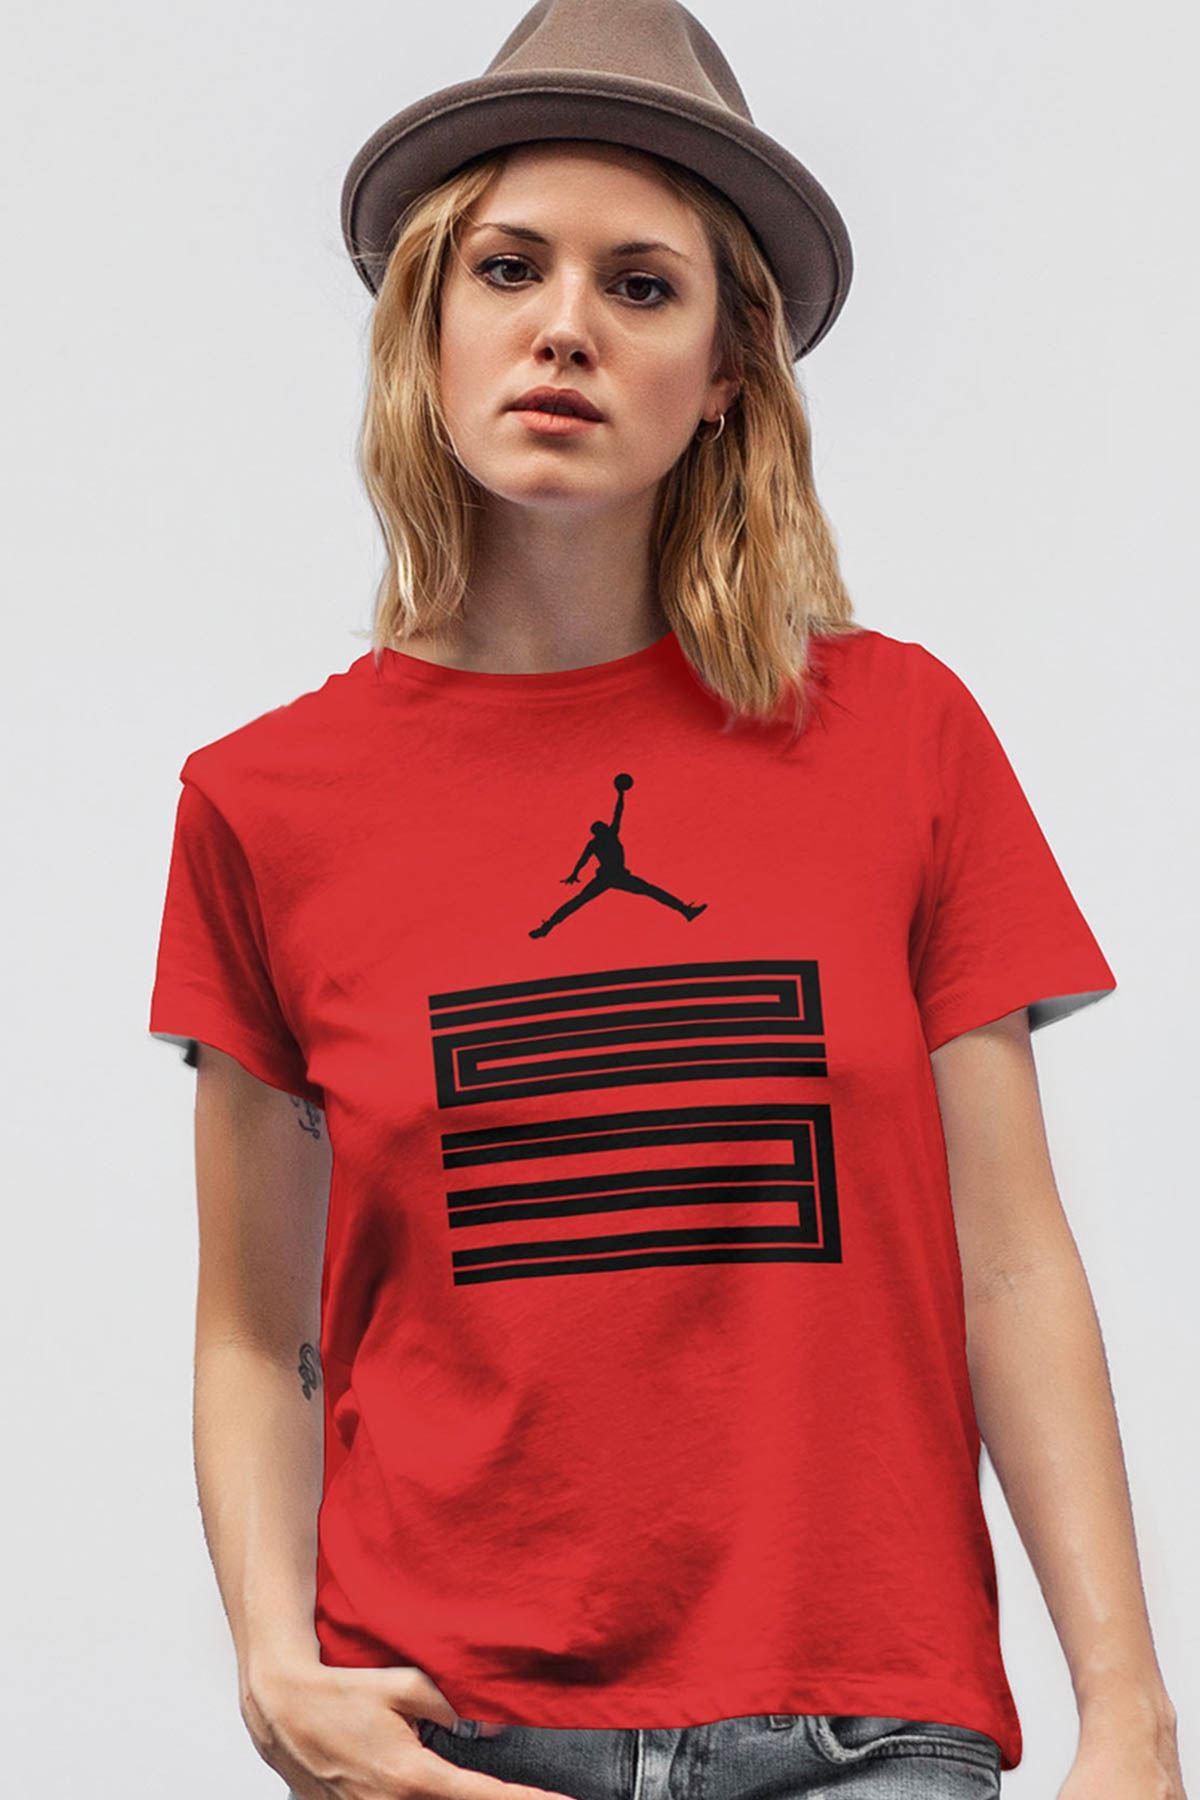 Air Jordan 11 Kırmızı NBA Kadın Tshirt - Tişört